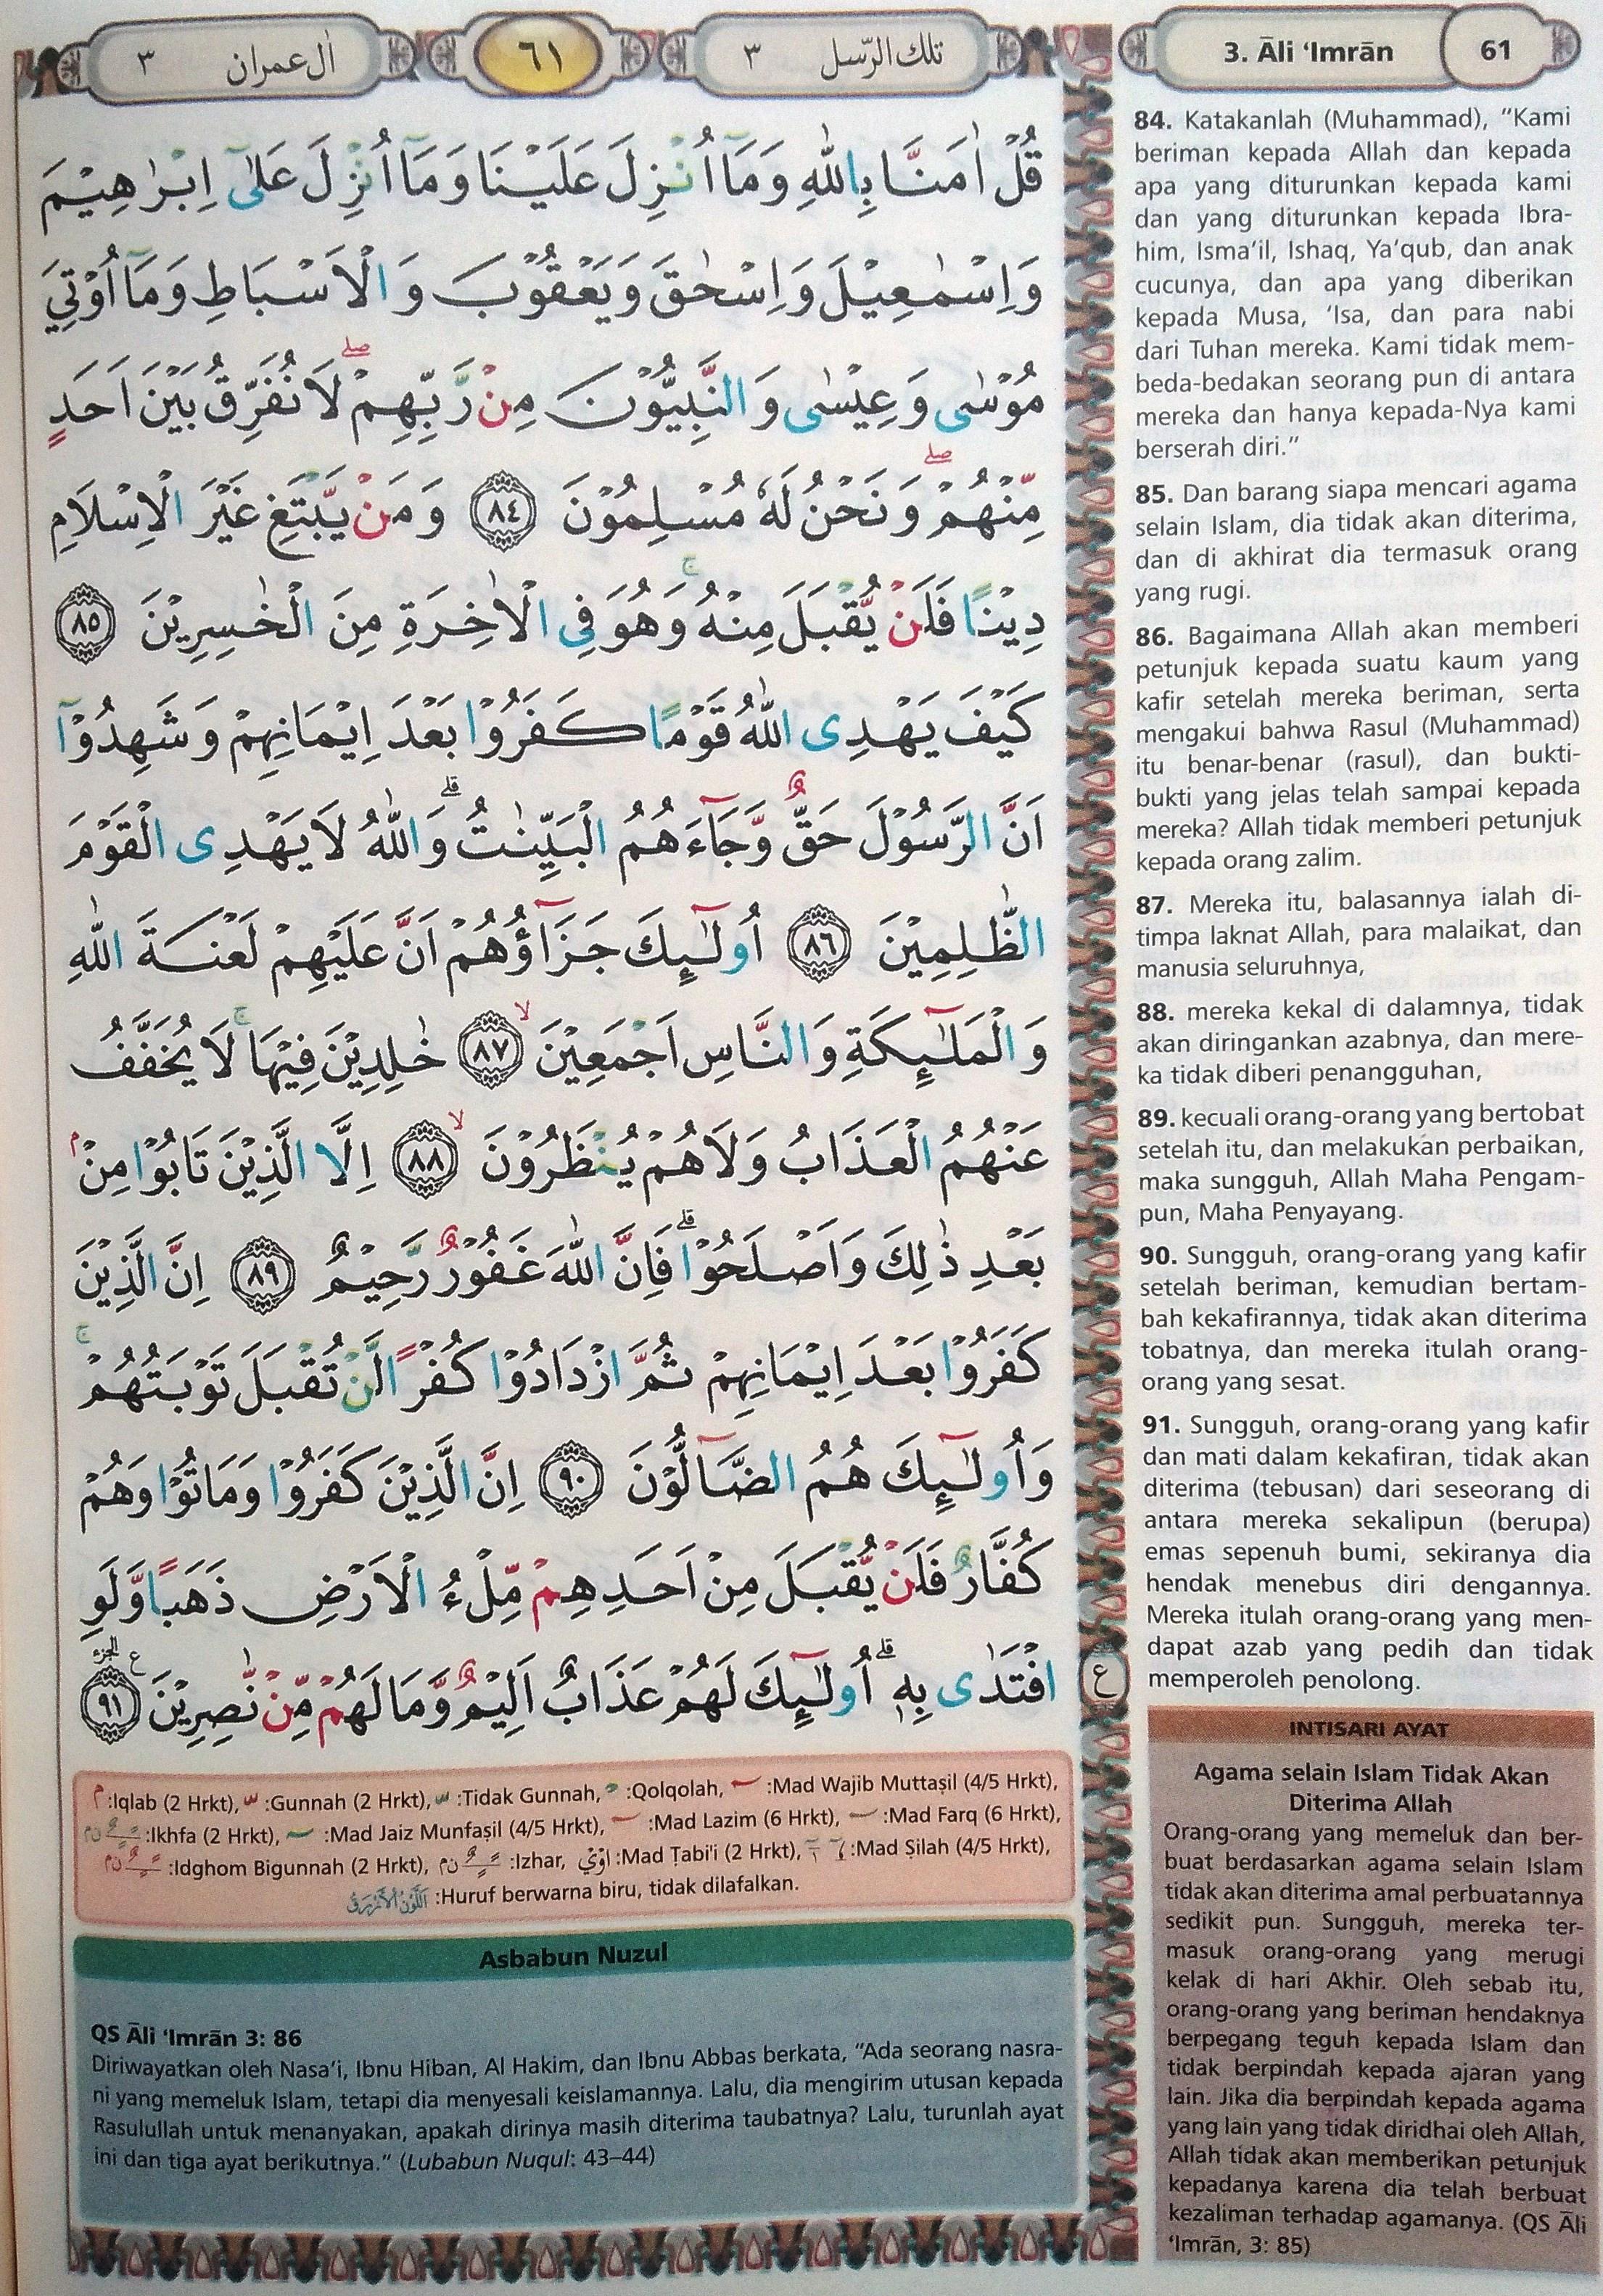 Ali Imran 84-91